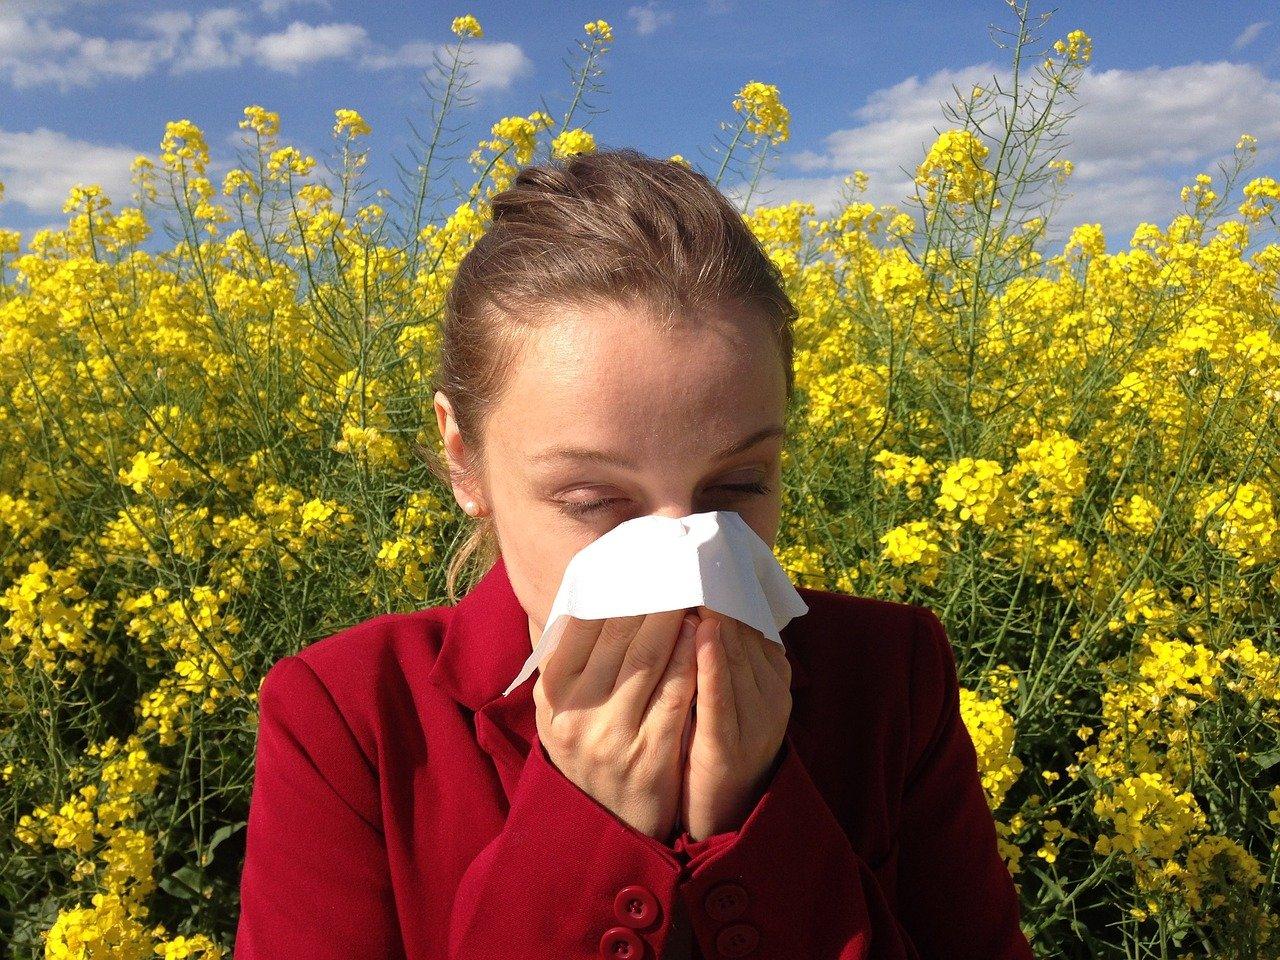 allergy, medical, allergic-1738191.jpg